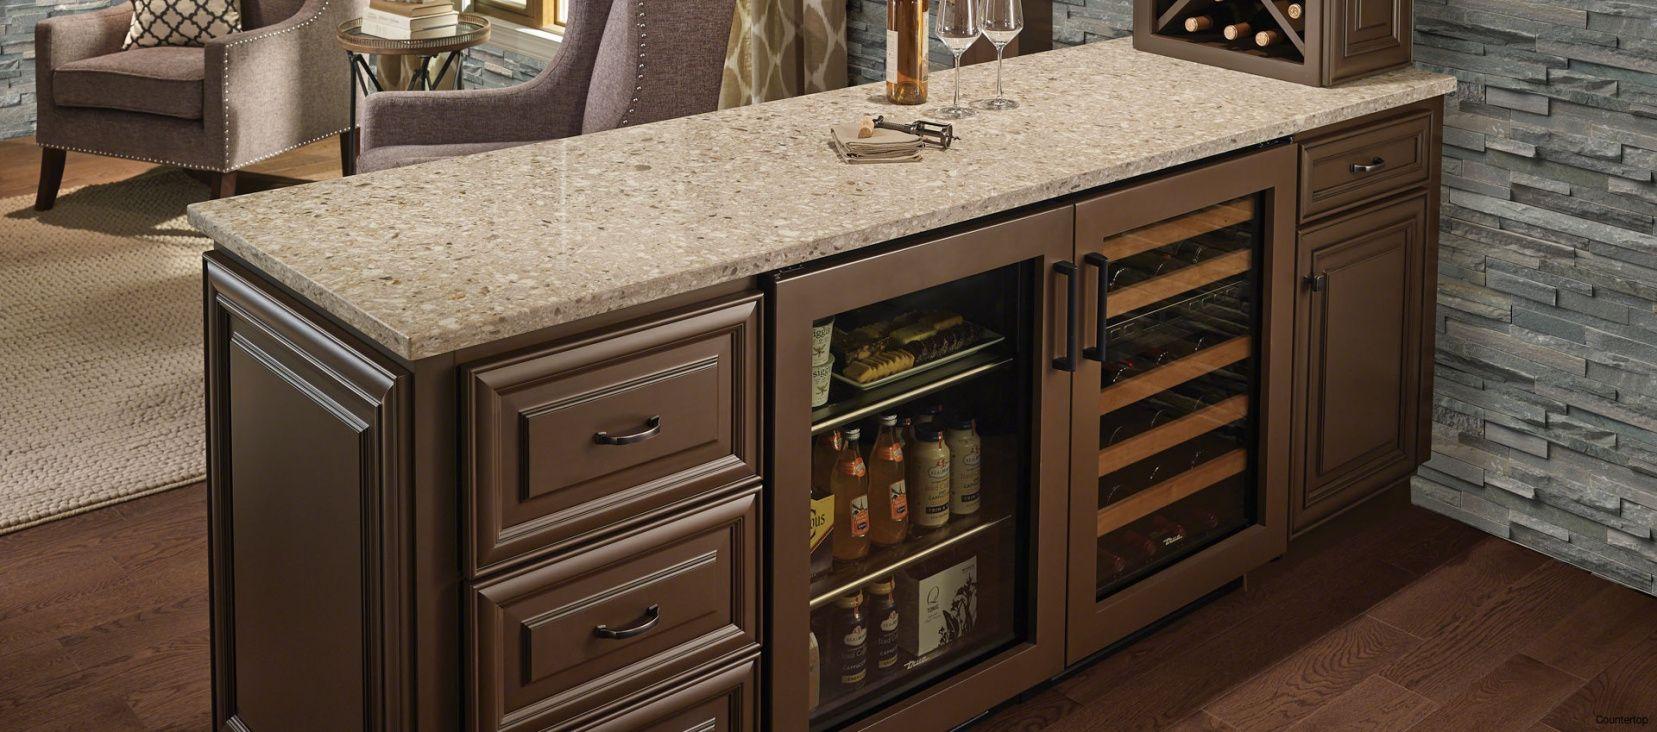 99+ Quartz Countertops Nashville   Kitchen Shelf Display Ideas Check More  At Http:/